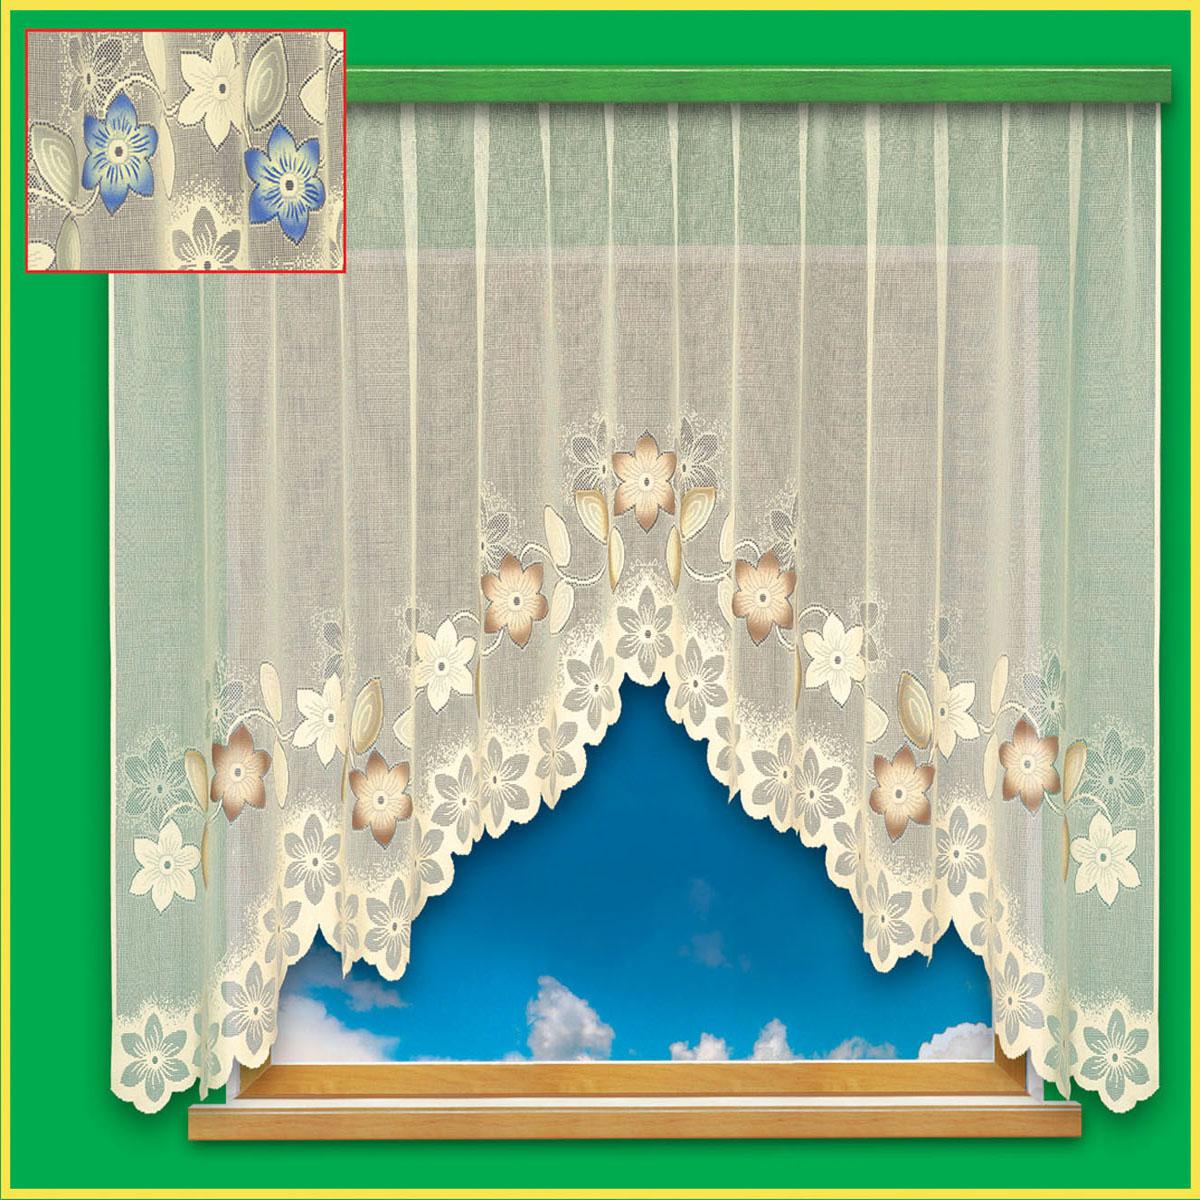 Гардина Haft, цвет: бежевый, ширина 300 см, высота 180 см28090/180 бежевыйКремовая гардина из жаккардовой ткани с бежевым рисунком цветов, высотой 180 см Размеры: высота 180см * ширина 300см